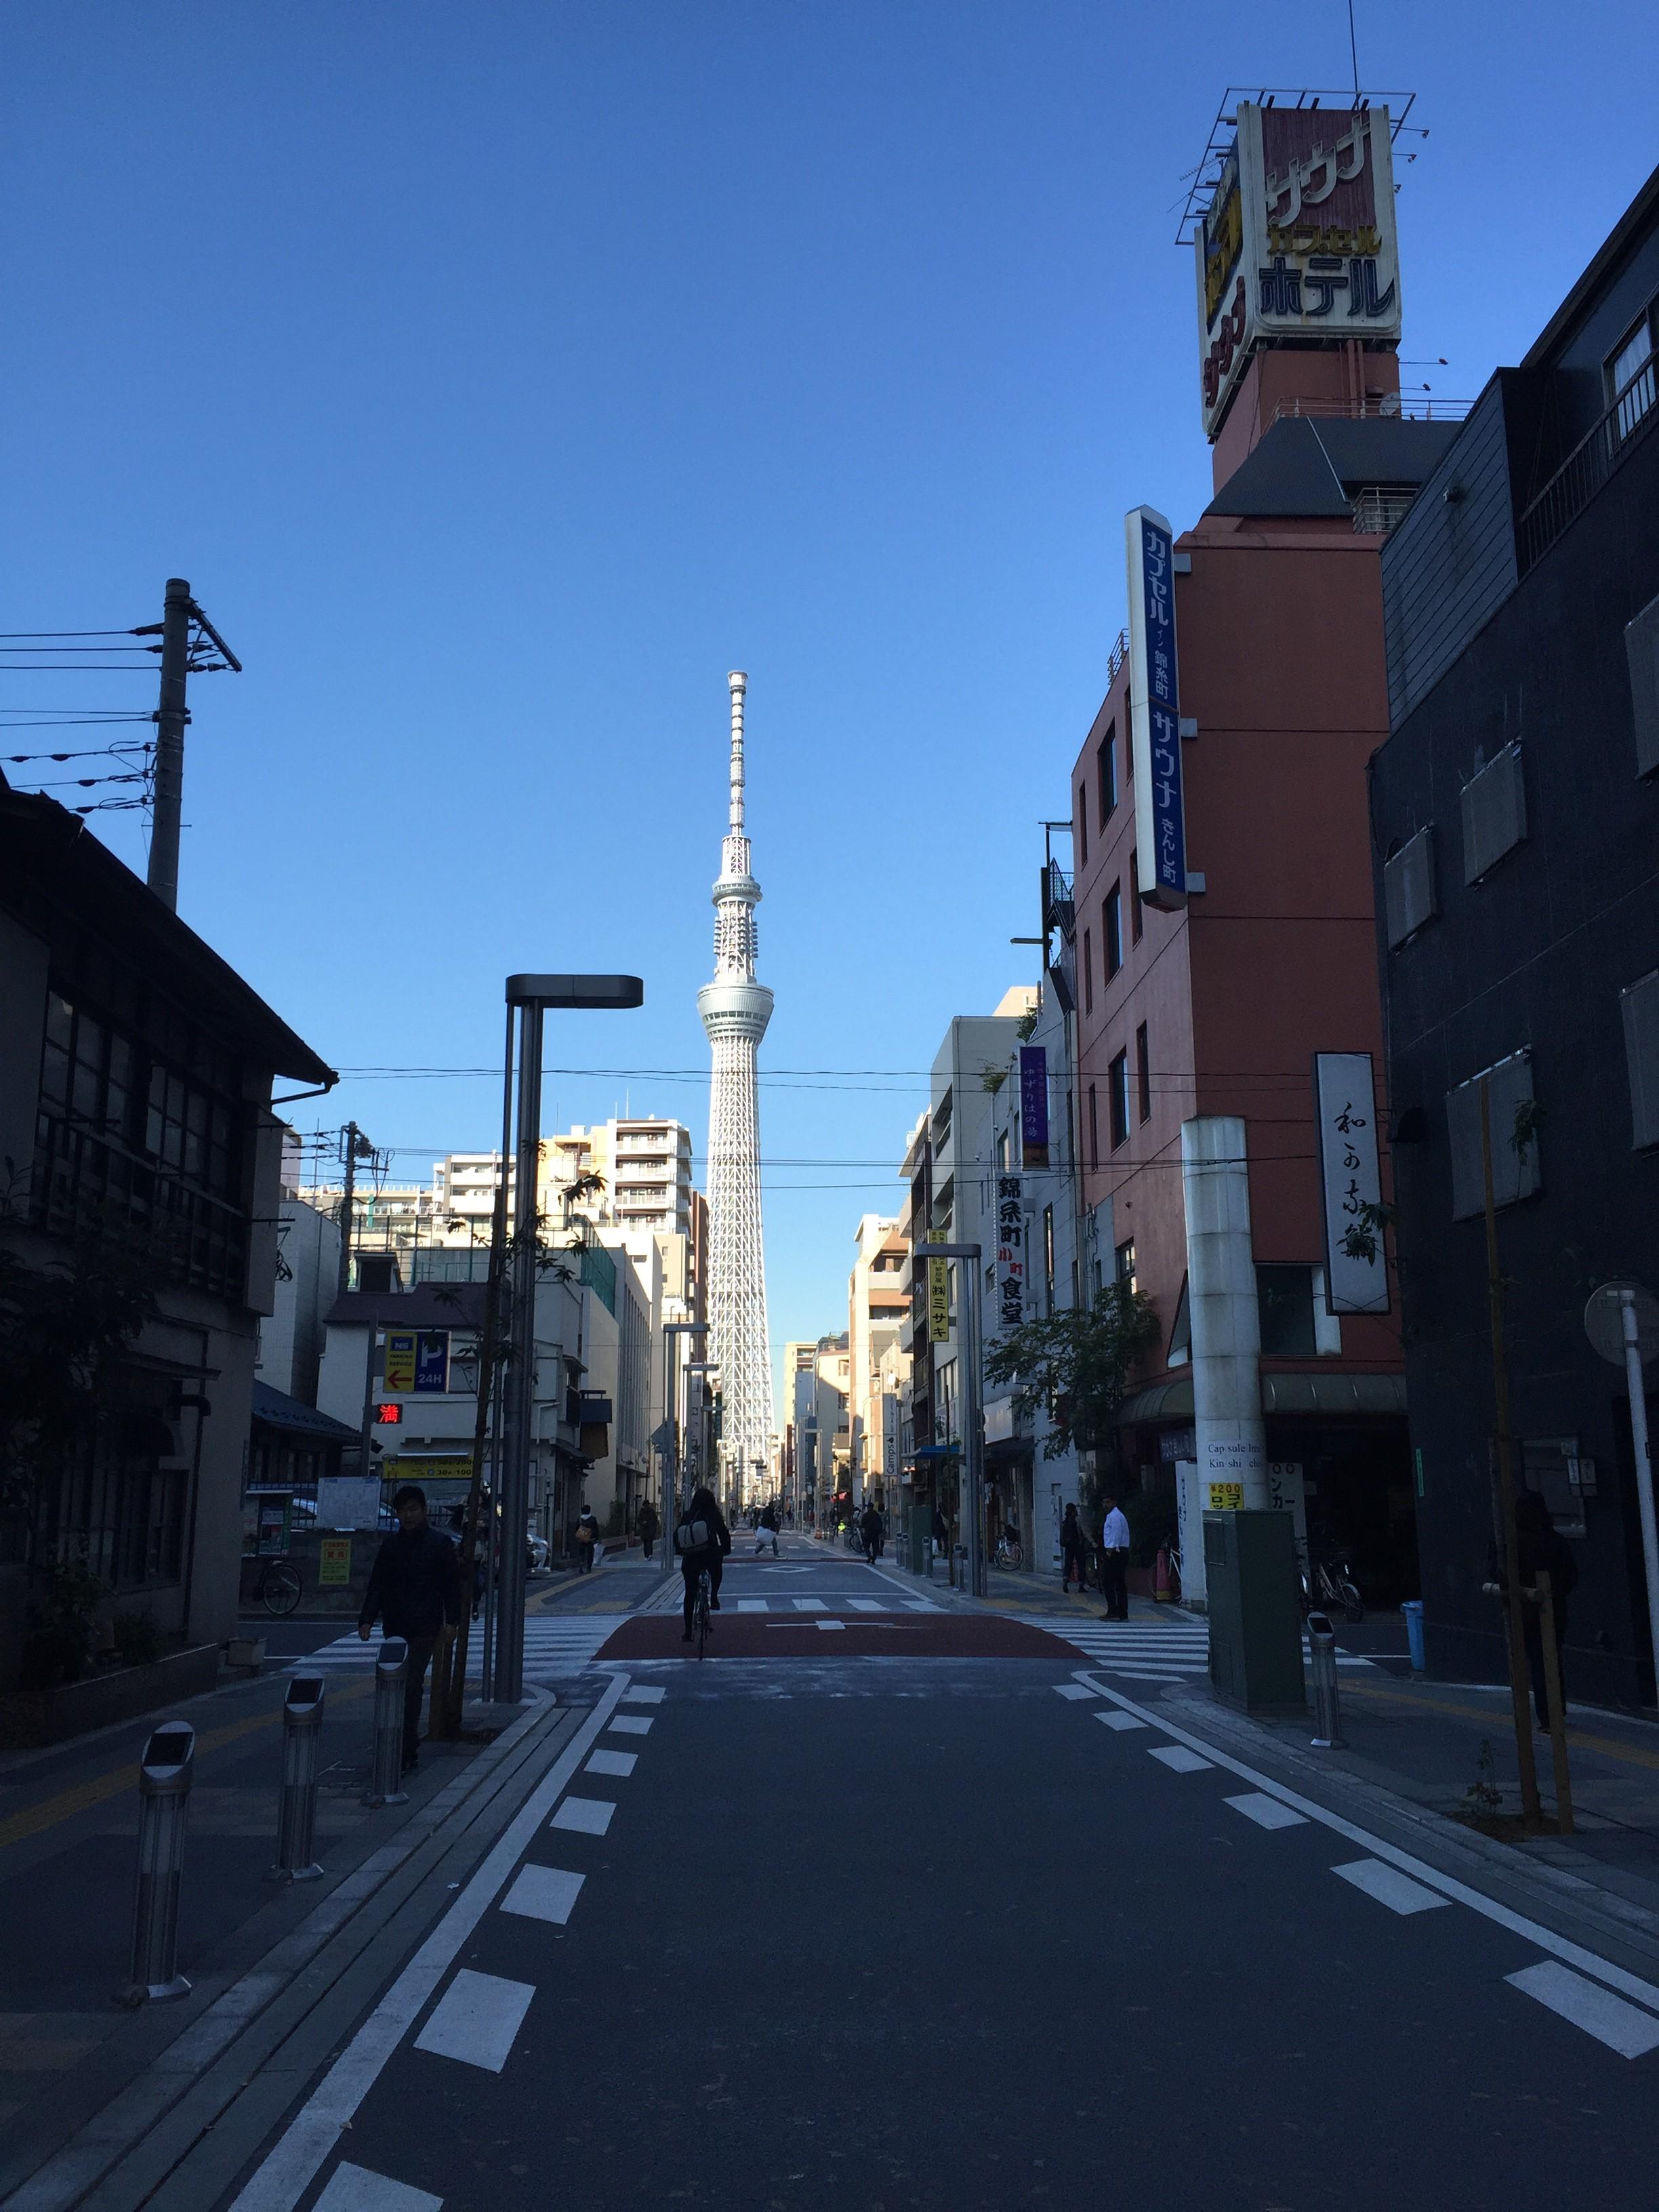 残してほしい街の古い風景 (*´∀`*)♪